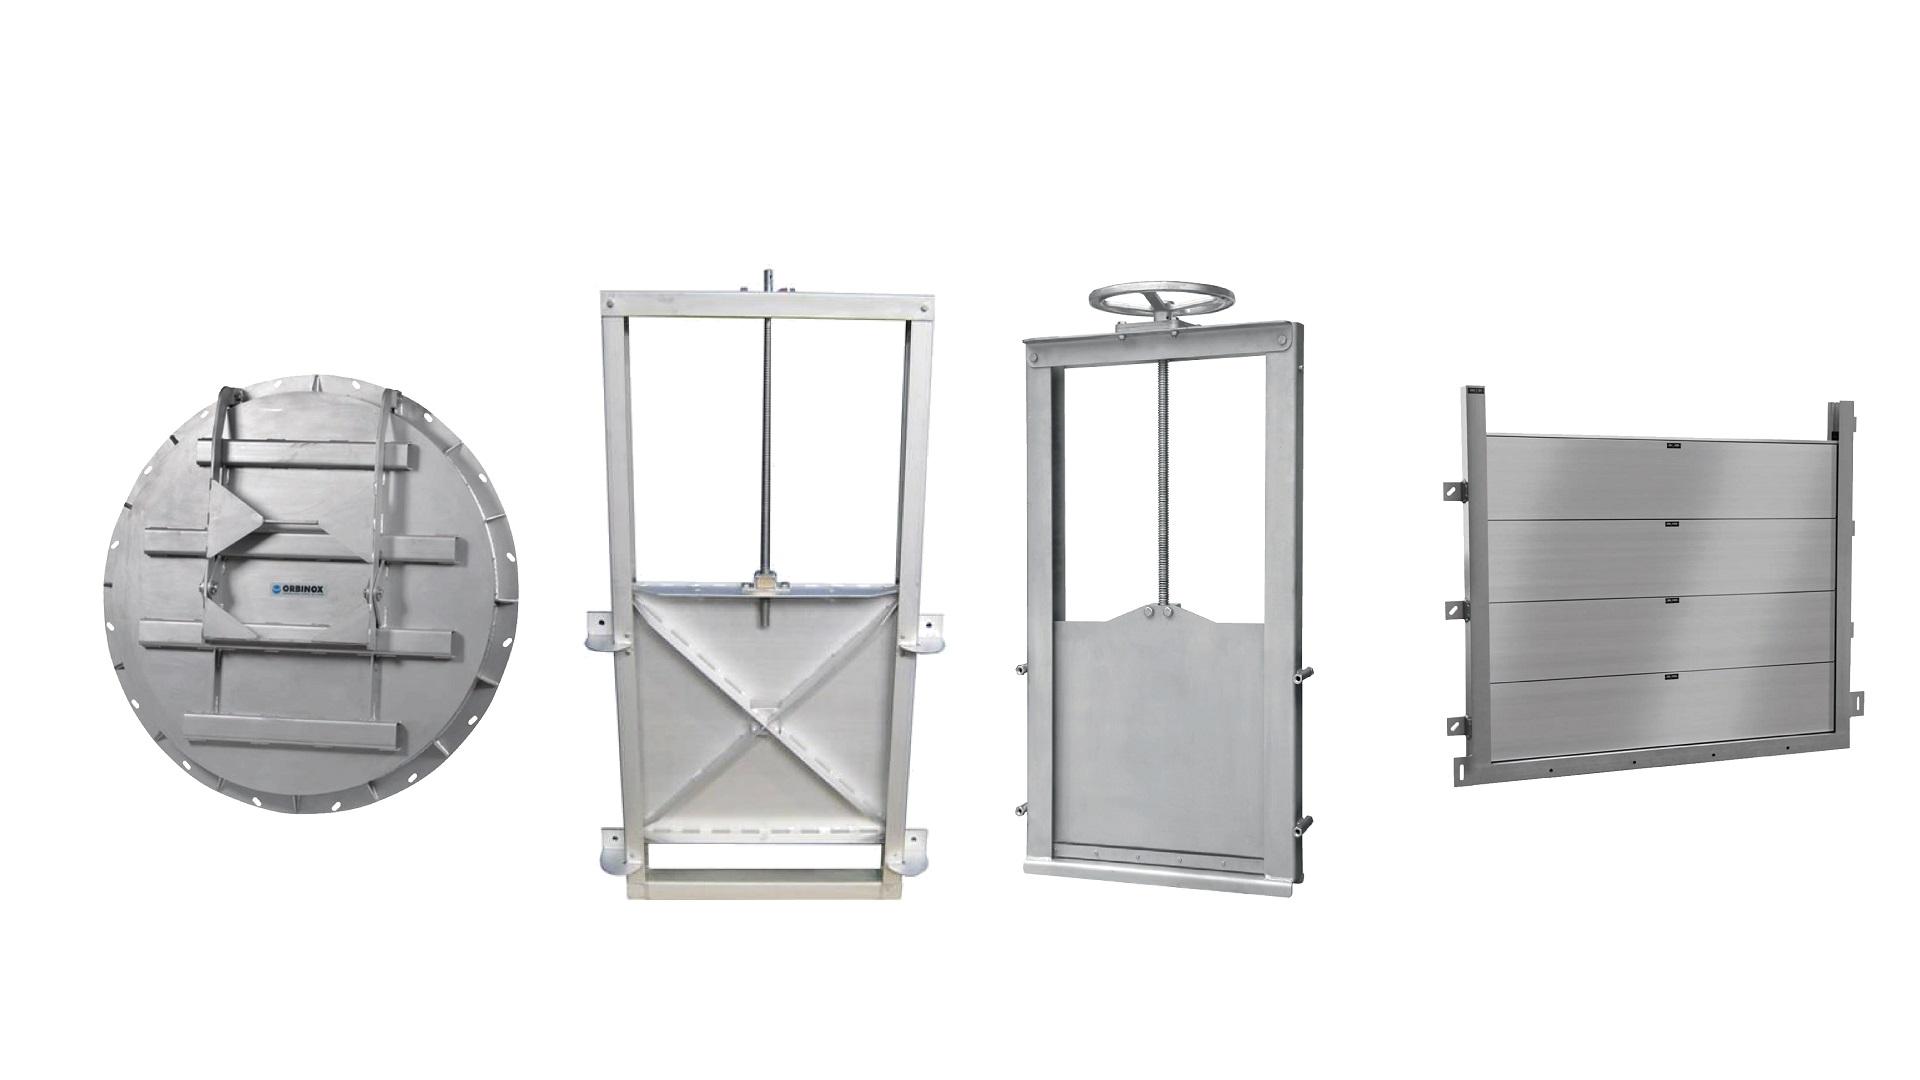 AVK Series 772 Penstocks range